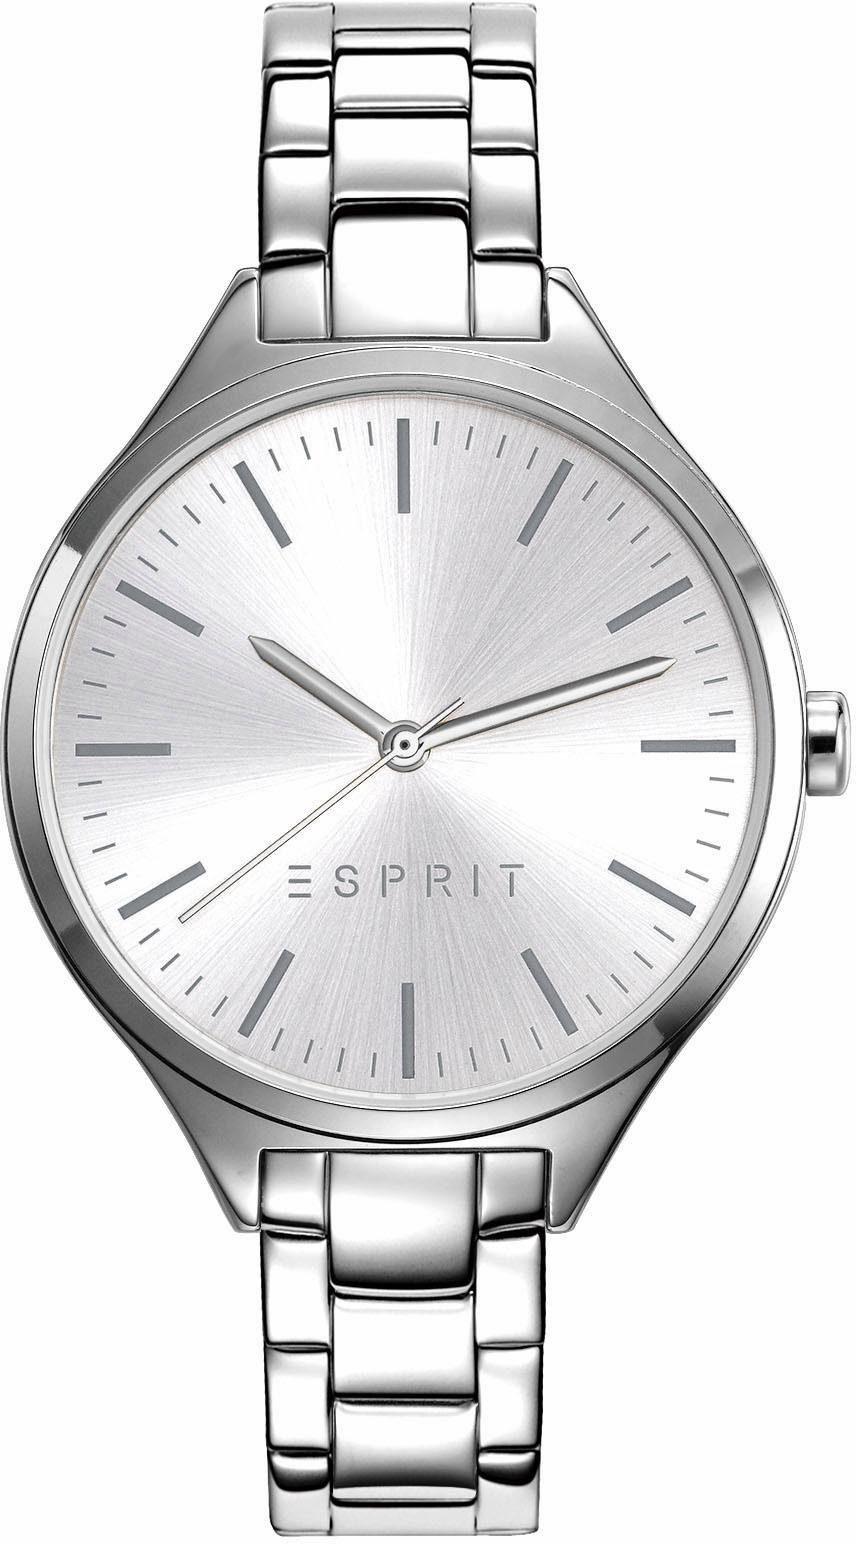 Esprit Quarzuhr »ESPRIT-TP10927 SILVER, ES109272004«